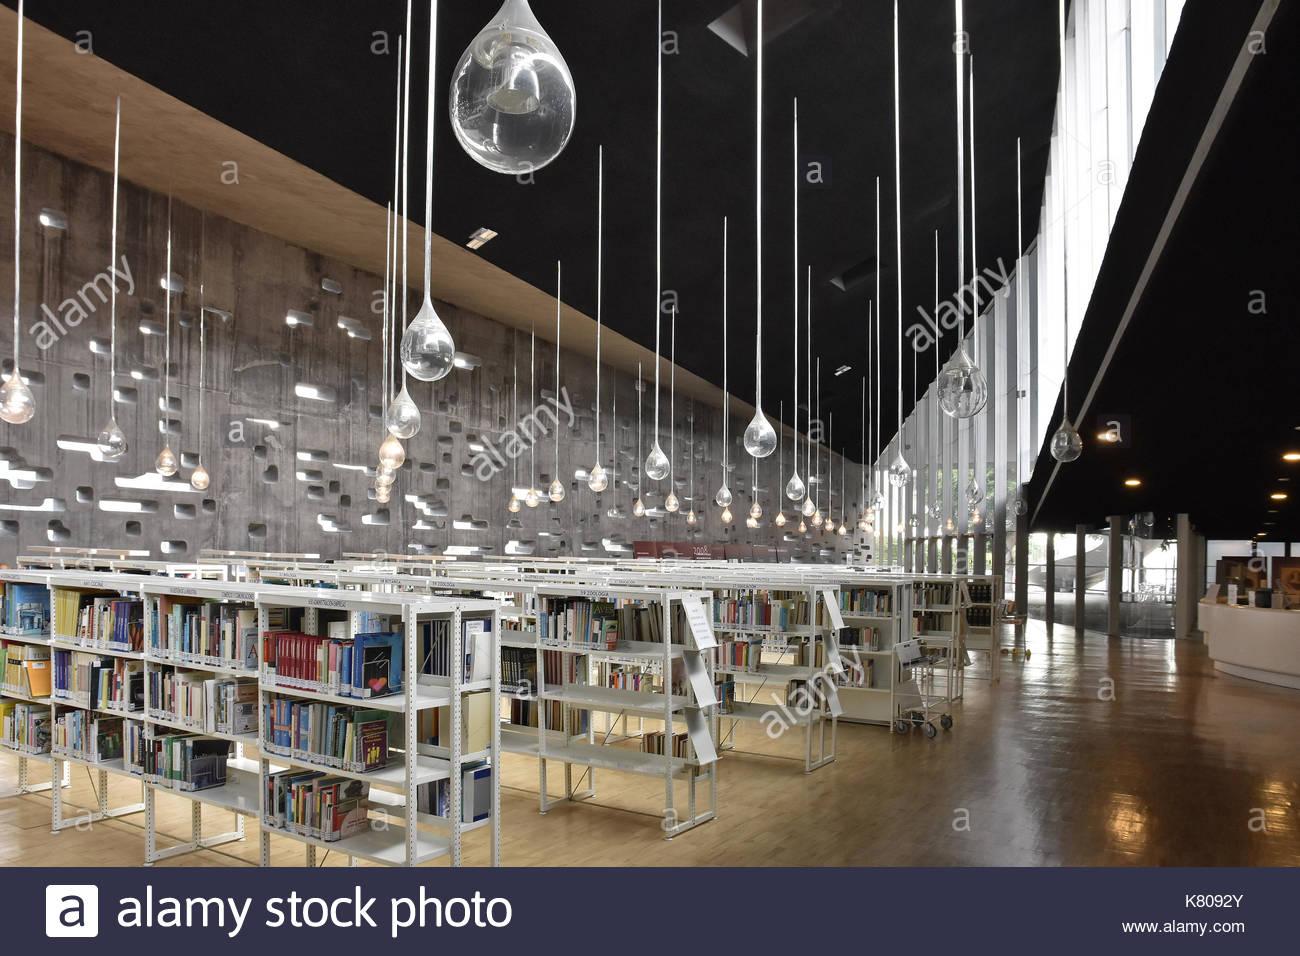 Library interior design stock photos library interior for Espacio interior